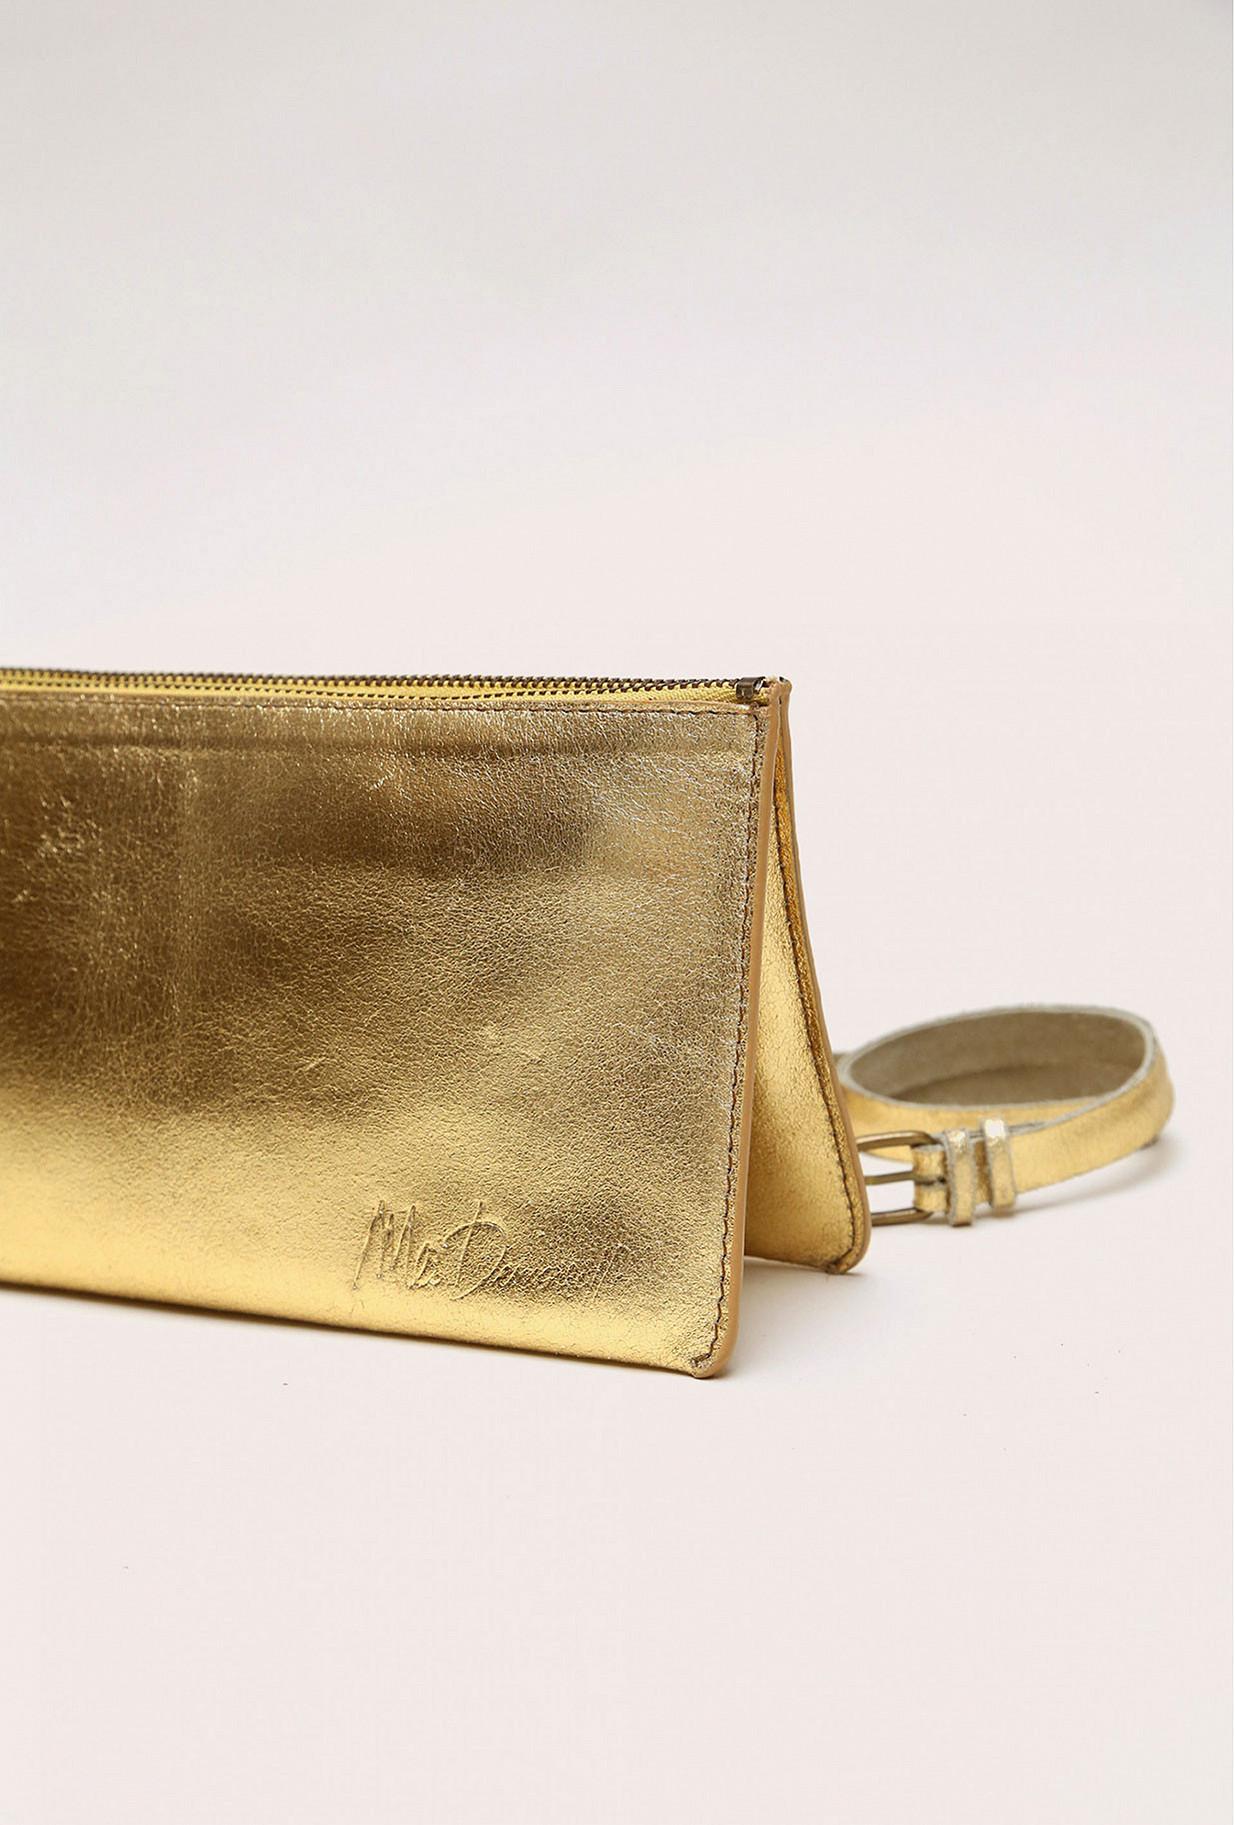 Paris clothes store Bag  Double Touch french designer fashion Paris